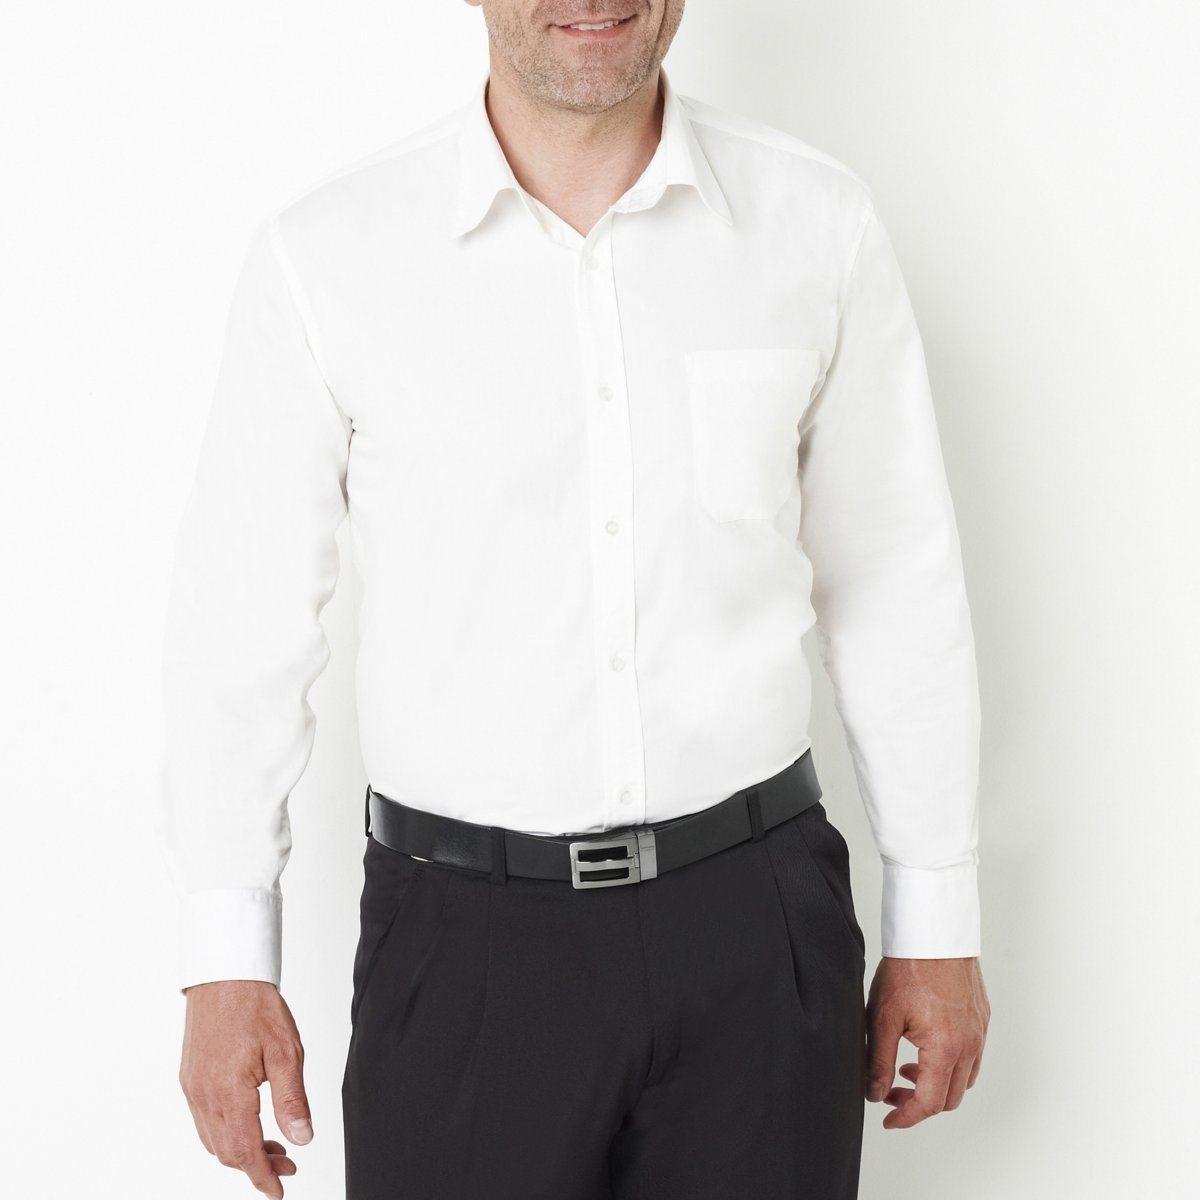 Рубашка однотонная с длинными рукавамиОписание:Детали •  Длинные рукава •  Прямой покрой •  Классический воротникСостав и уход    •  Стирать при 40° •  Любые растворители / не отбеливать   • Барабанная сушка на слабом режиме       • Средняя температура глажки Товар из коллекции больших размеров •  Длина  : 90 см<br><br>Цвет: белый,черный<br>Размер: 49/50.53/54.43/44.45/46.49/50